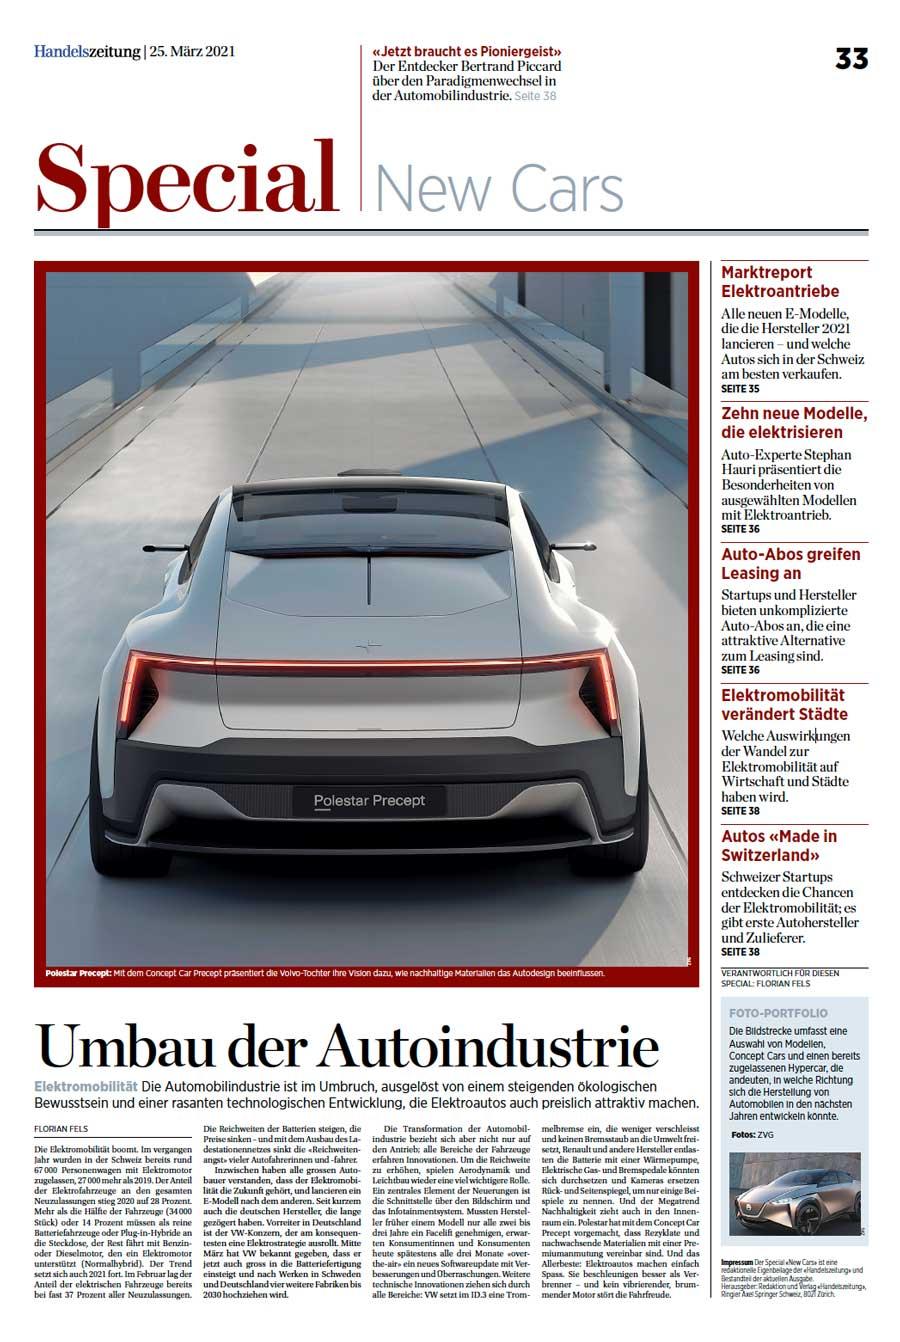 Sonderbeilage in der Handelszeitung – Special New Cars